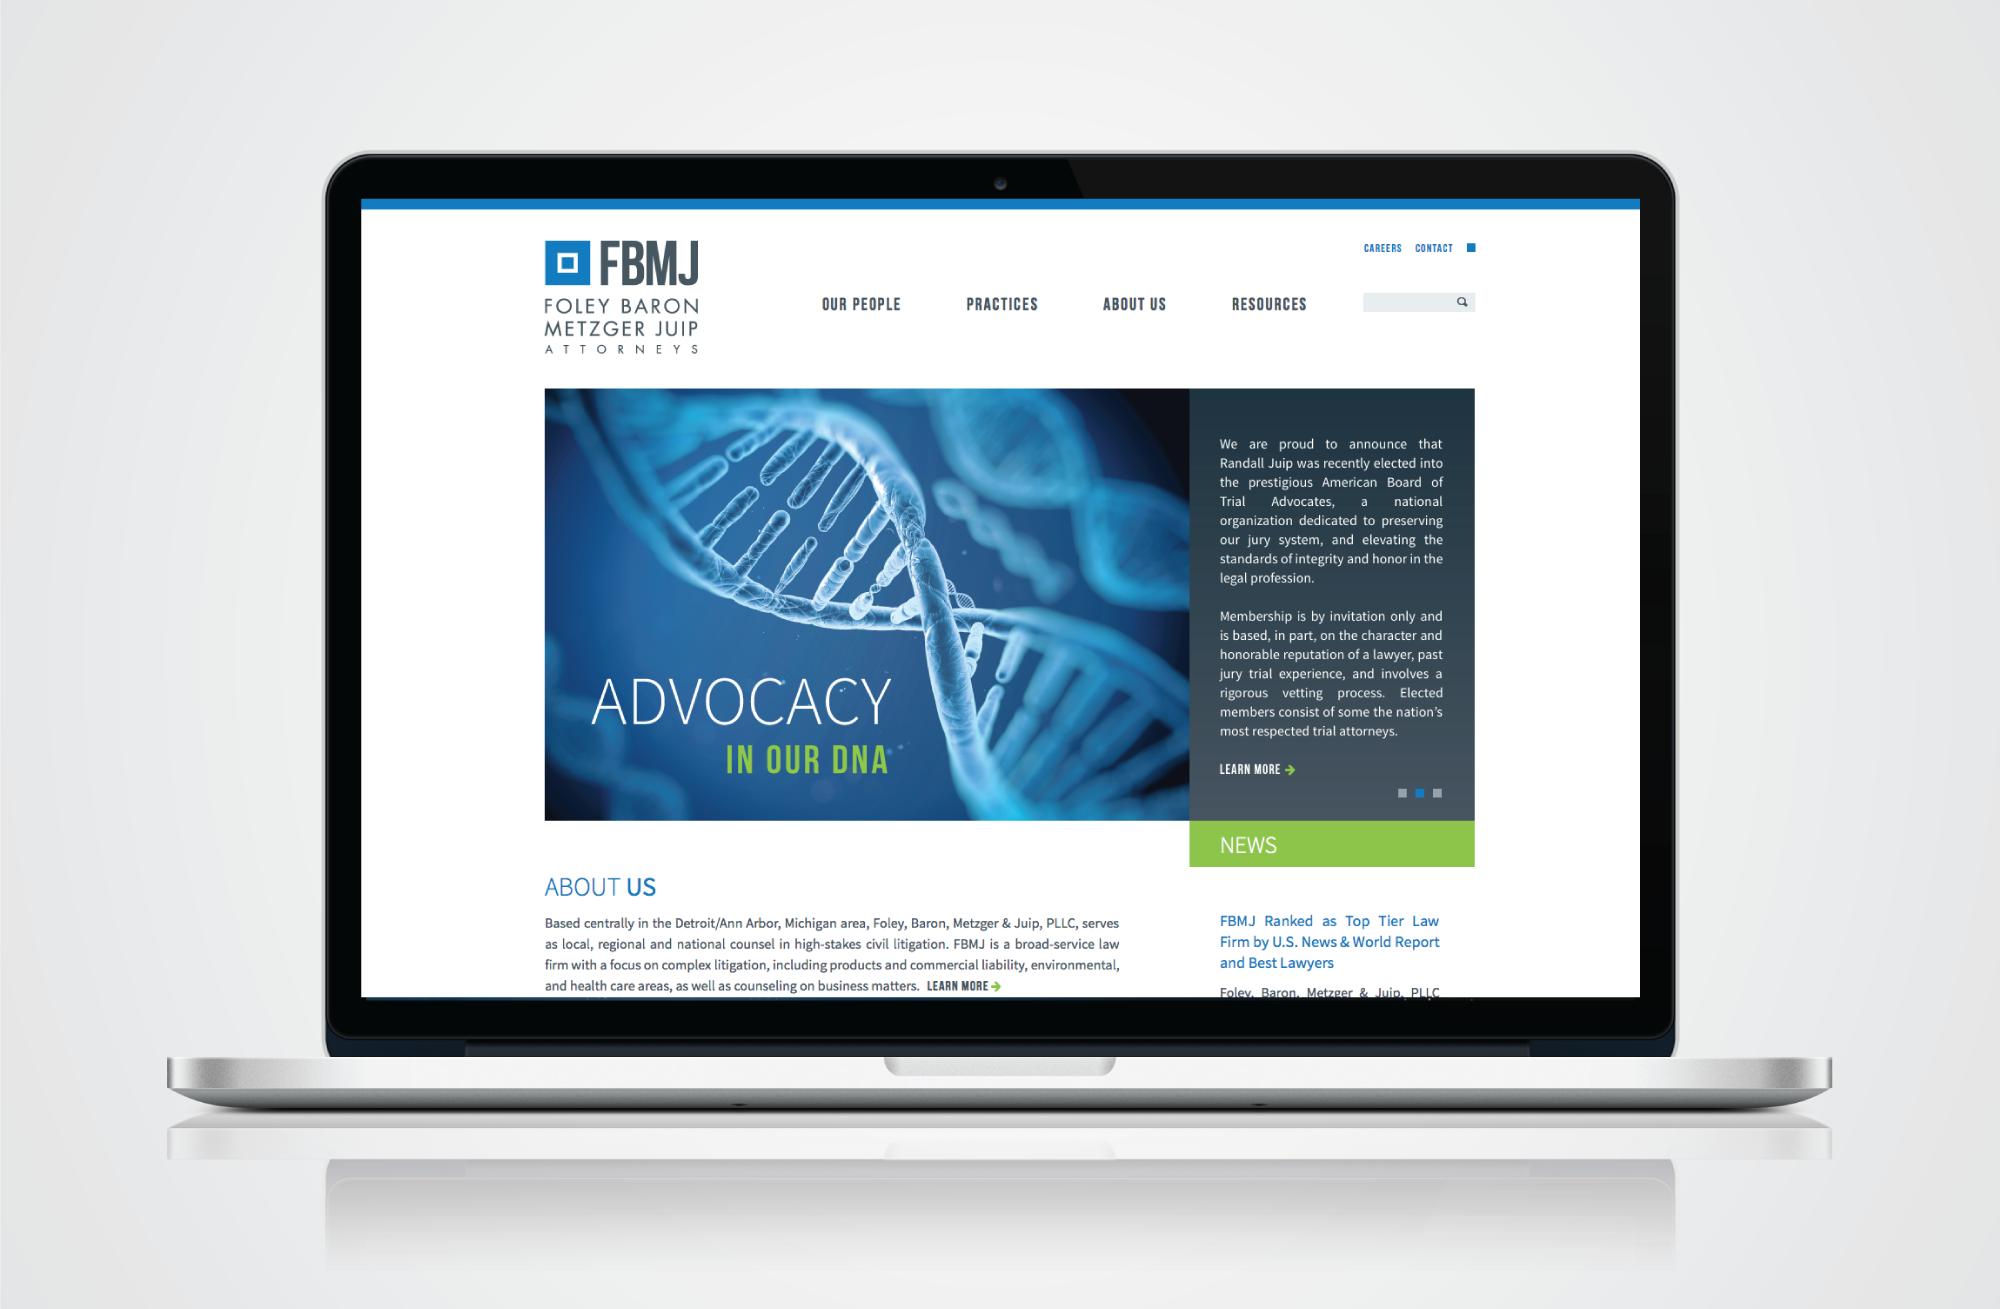 Law Firm Website Design - FBMJ